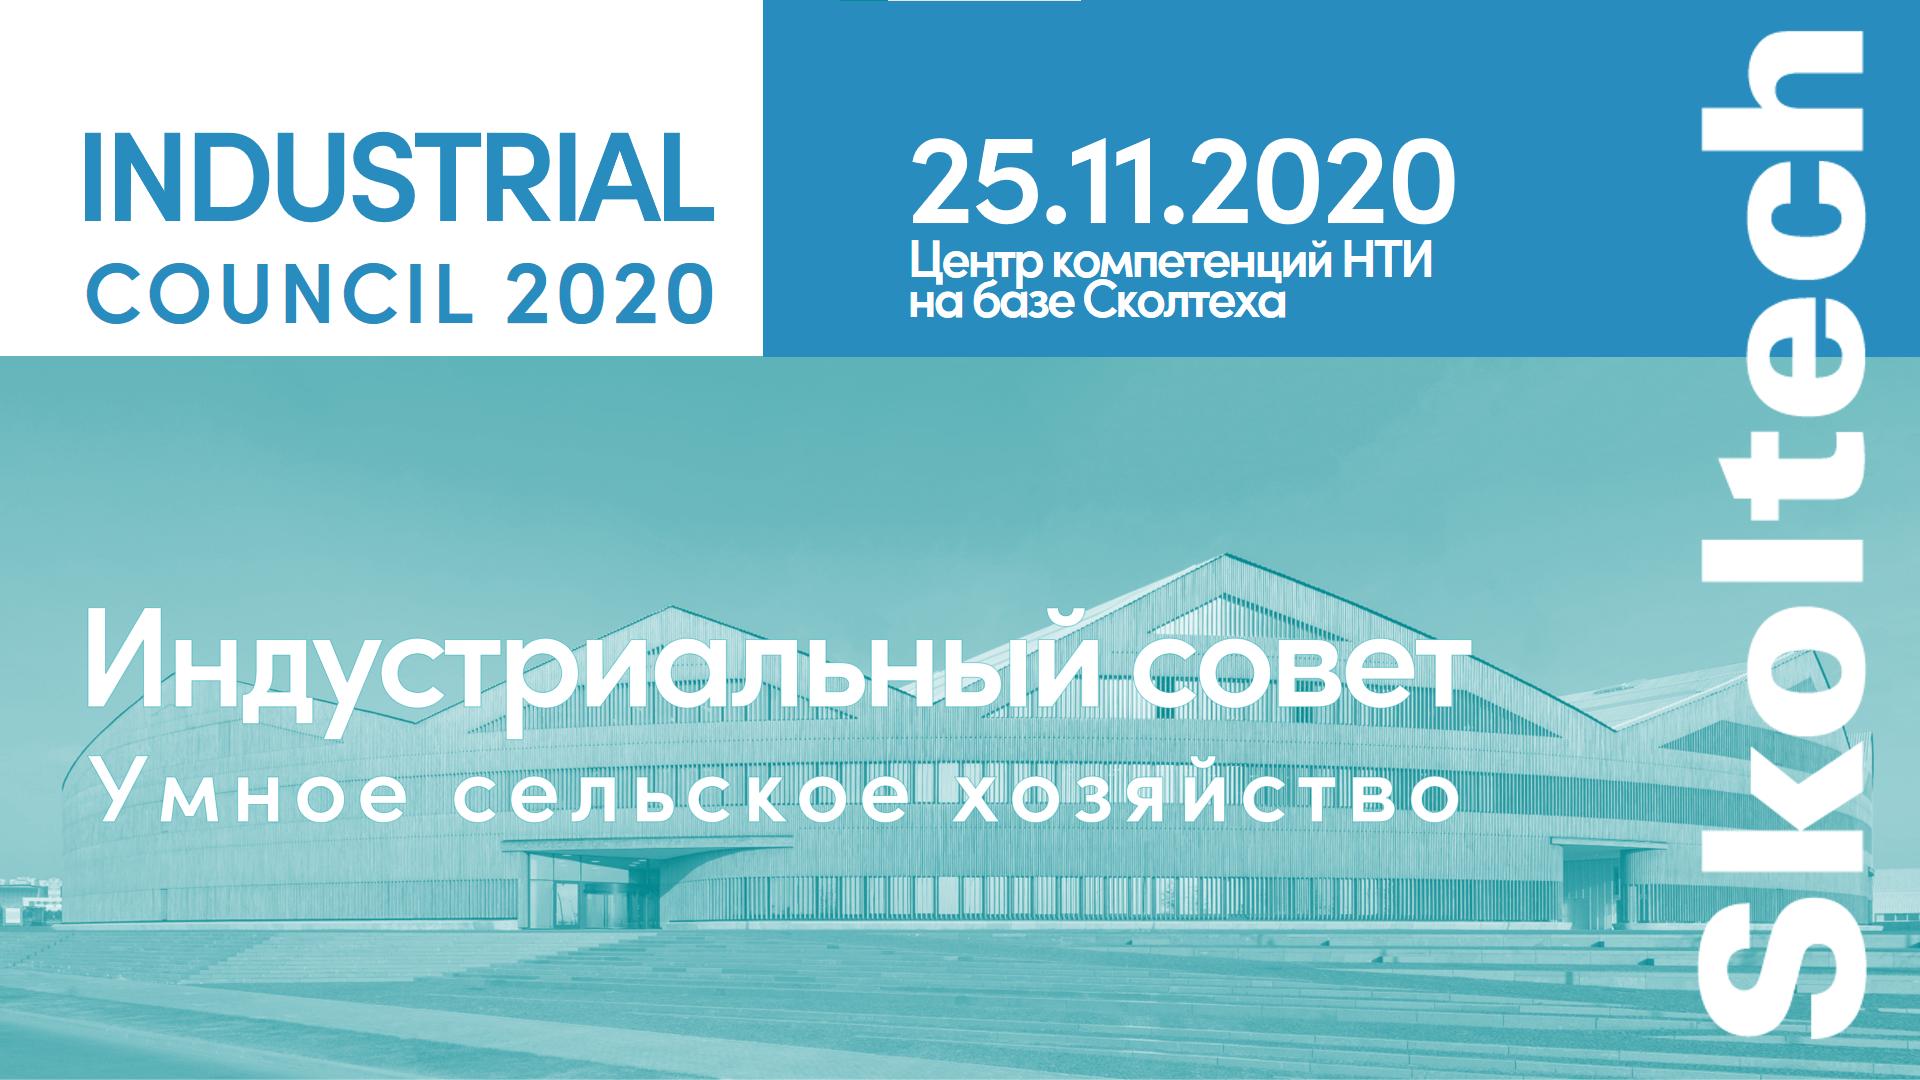 В Сколтехе 25 ноября состоялся «ИС2020 – Индустриальный совет 2020», посвященный умному сельскому хозяйству и технологическим вызовам, стоящим перед этой отраслью в России и в мире. Традиционным организатором «ИС2020» выступил…